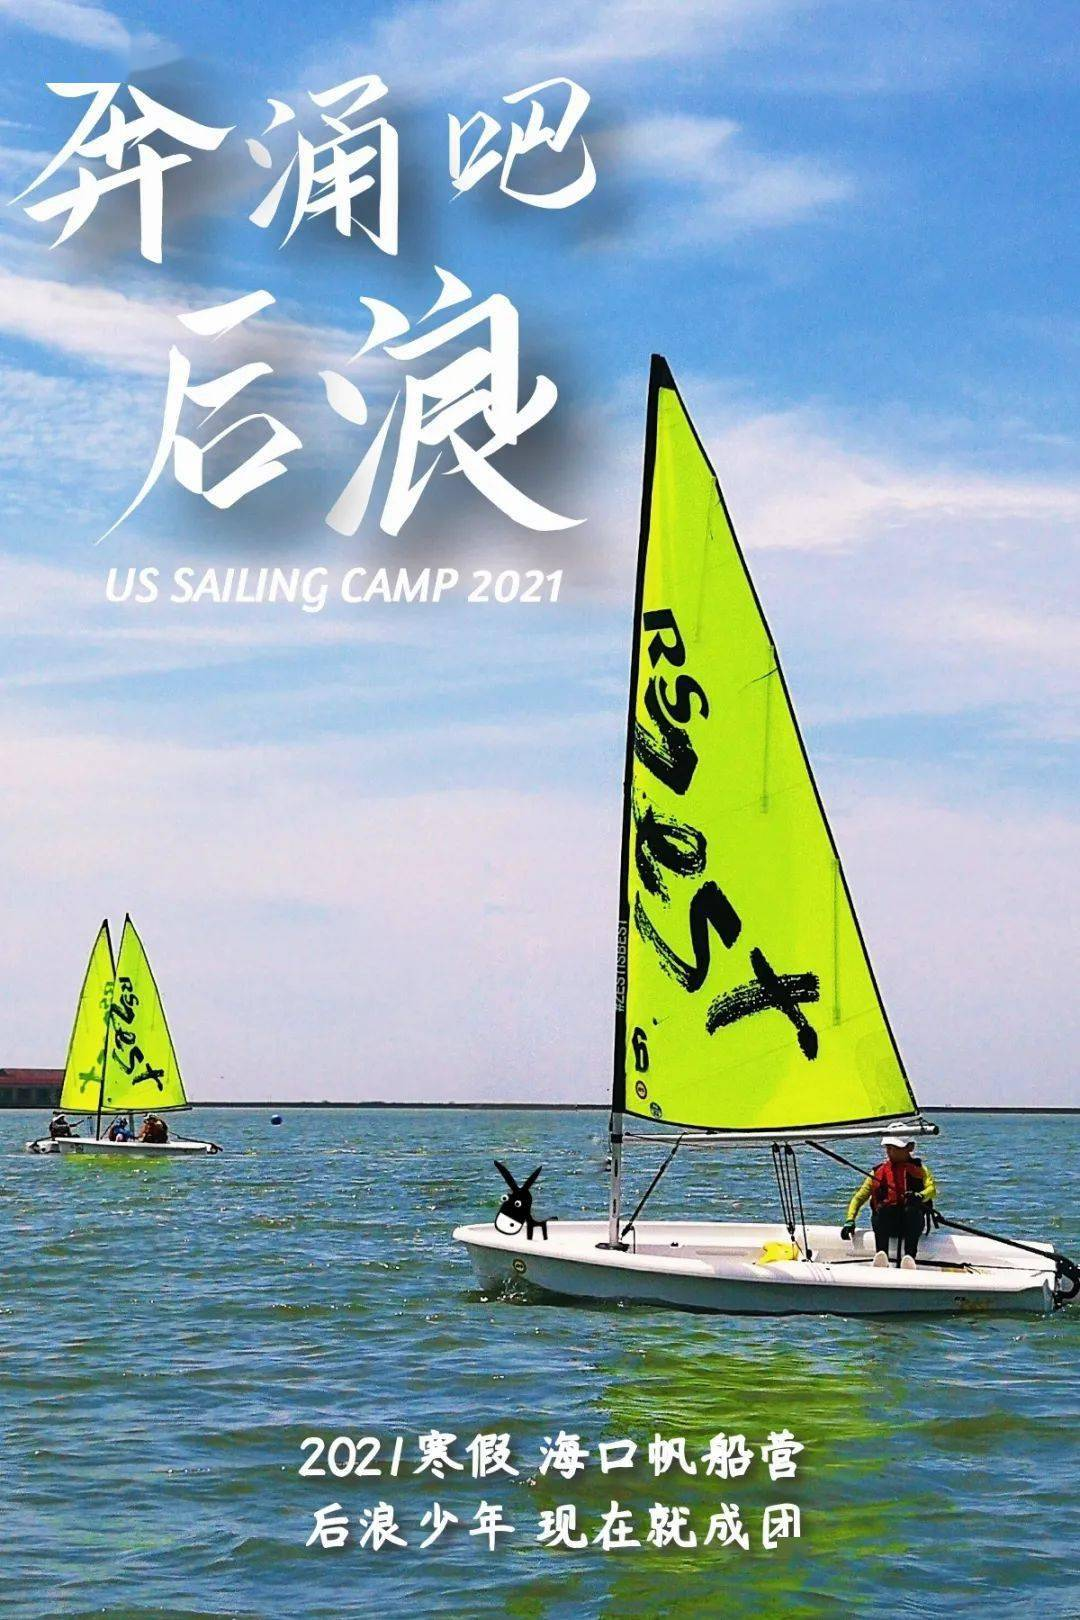 海口帆船营:真·乘风破浪的少年,扬帆大海现在就成团!_Sailing